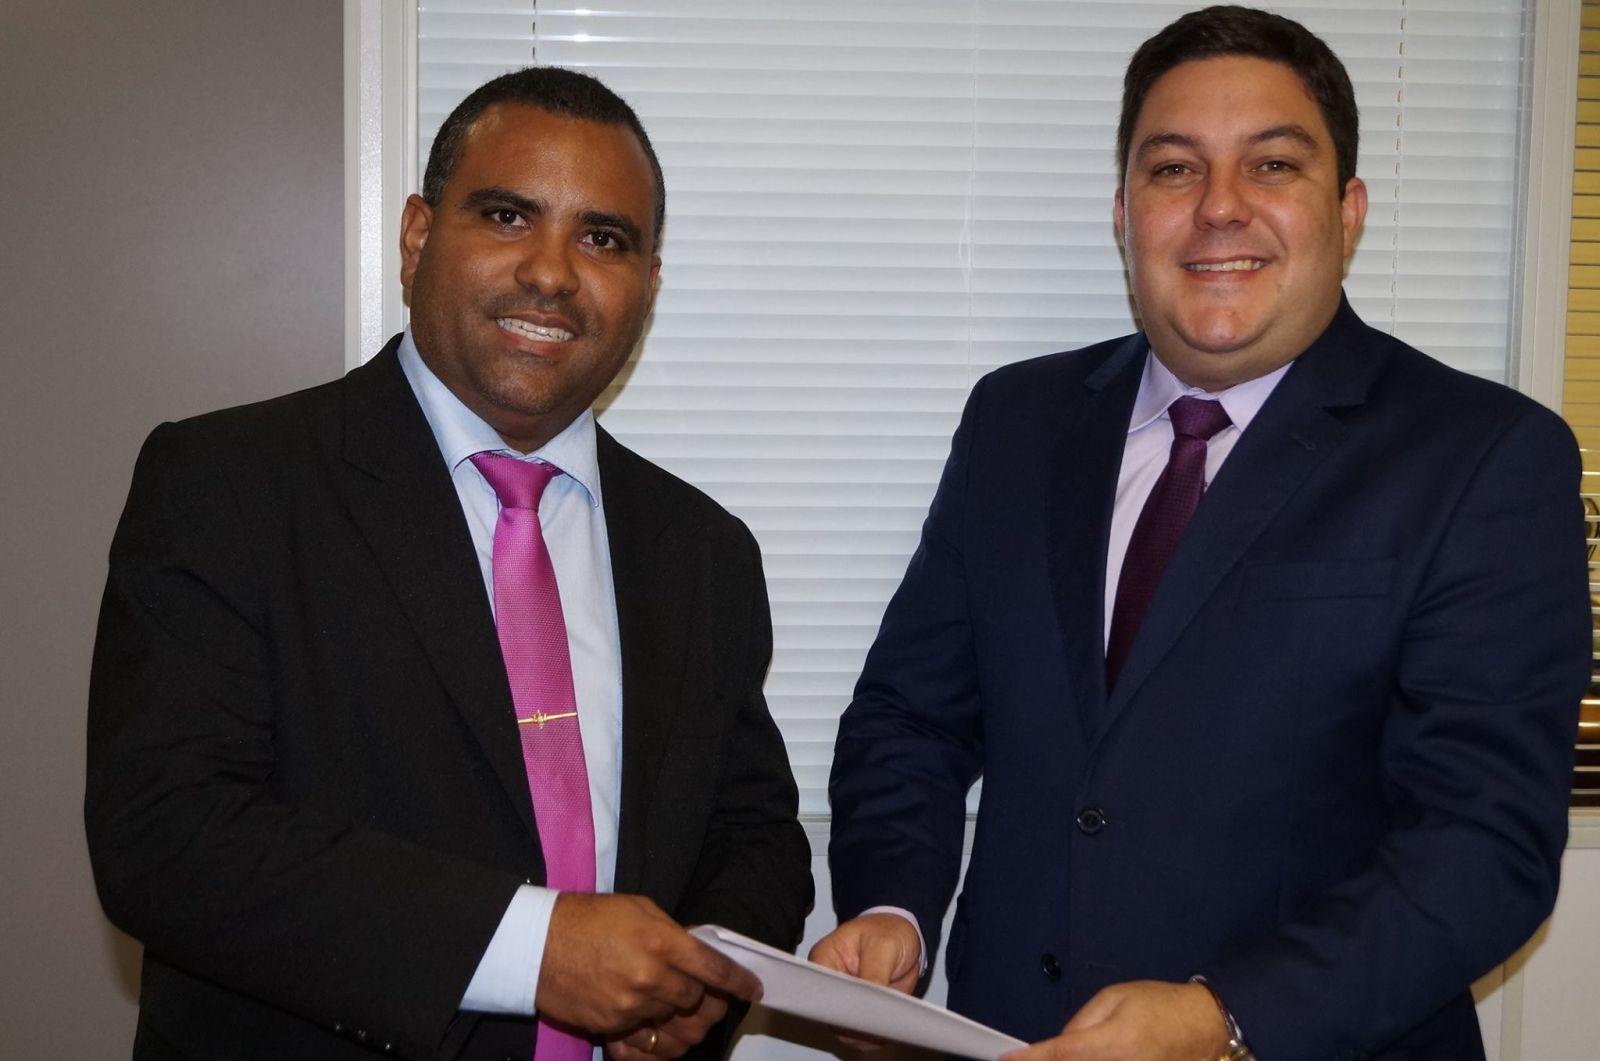 Diretor Secretário do CRTRES 13ª Região, Luciano Guedes (à esq.) em reunião com o Deputado Estadual Bruno Lamas (à dir.)